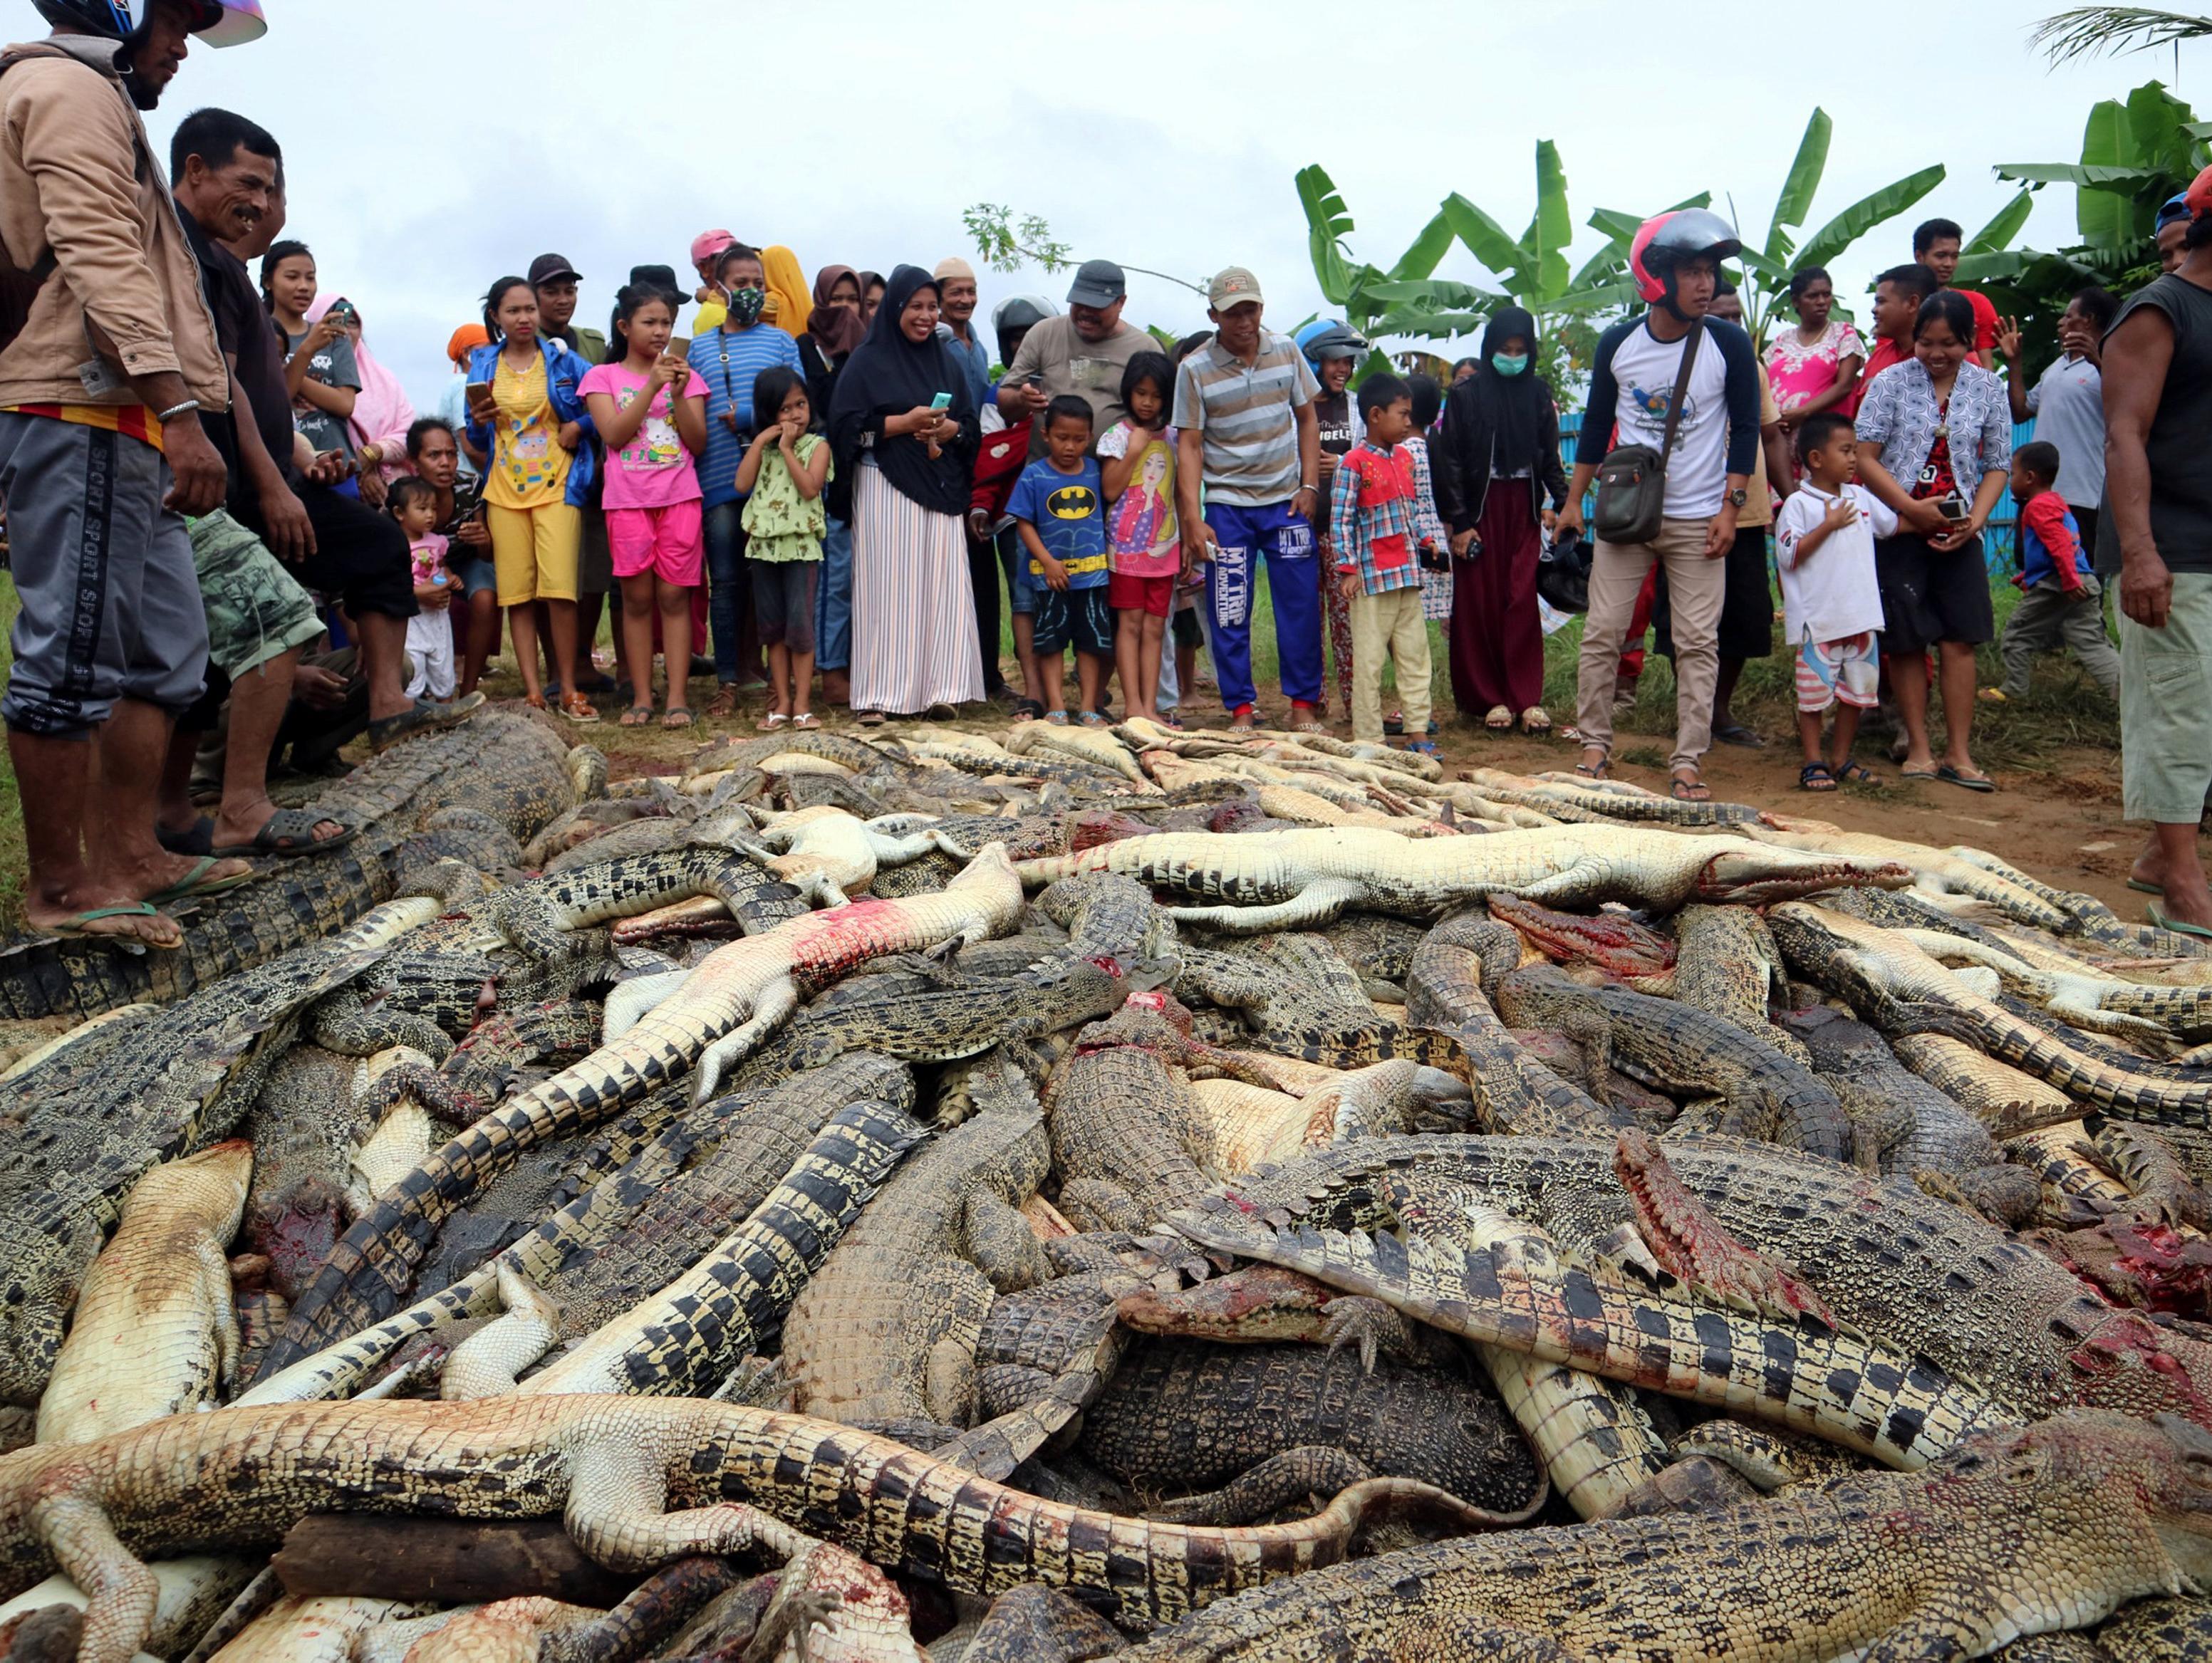 אינדונזיה: תושבים שחטו כ-300 תנינים - כנקמה על מות חברם